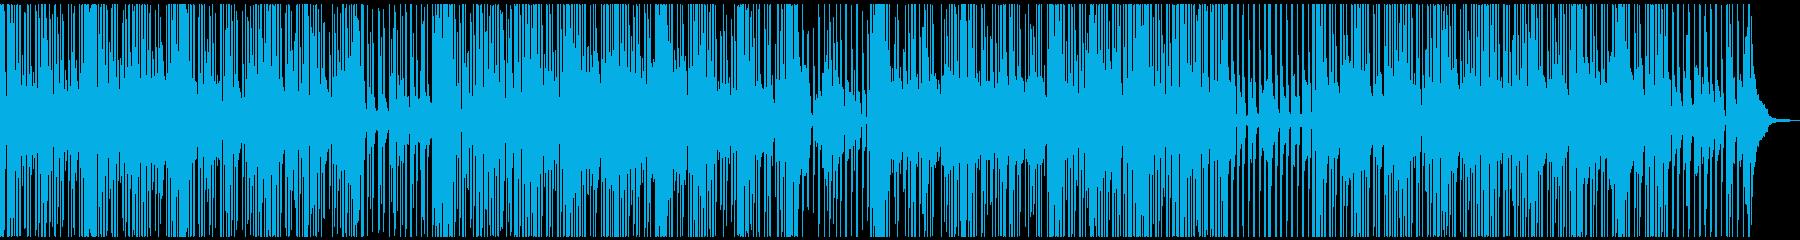 南国リゾートなレゲエポップスの再生済みの波形